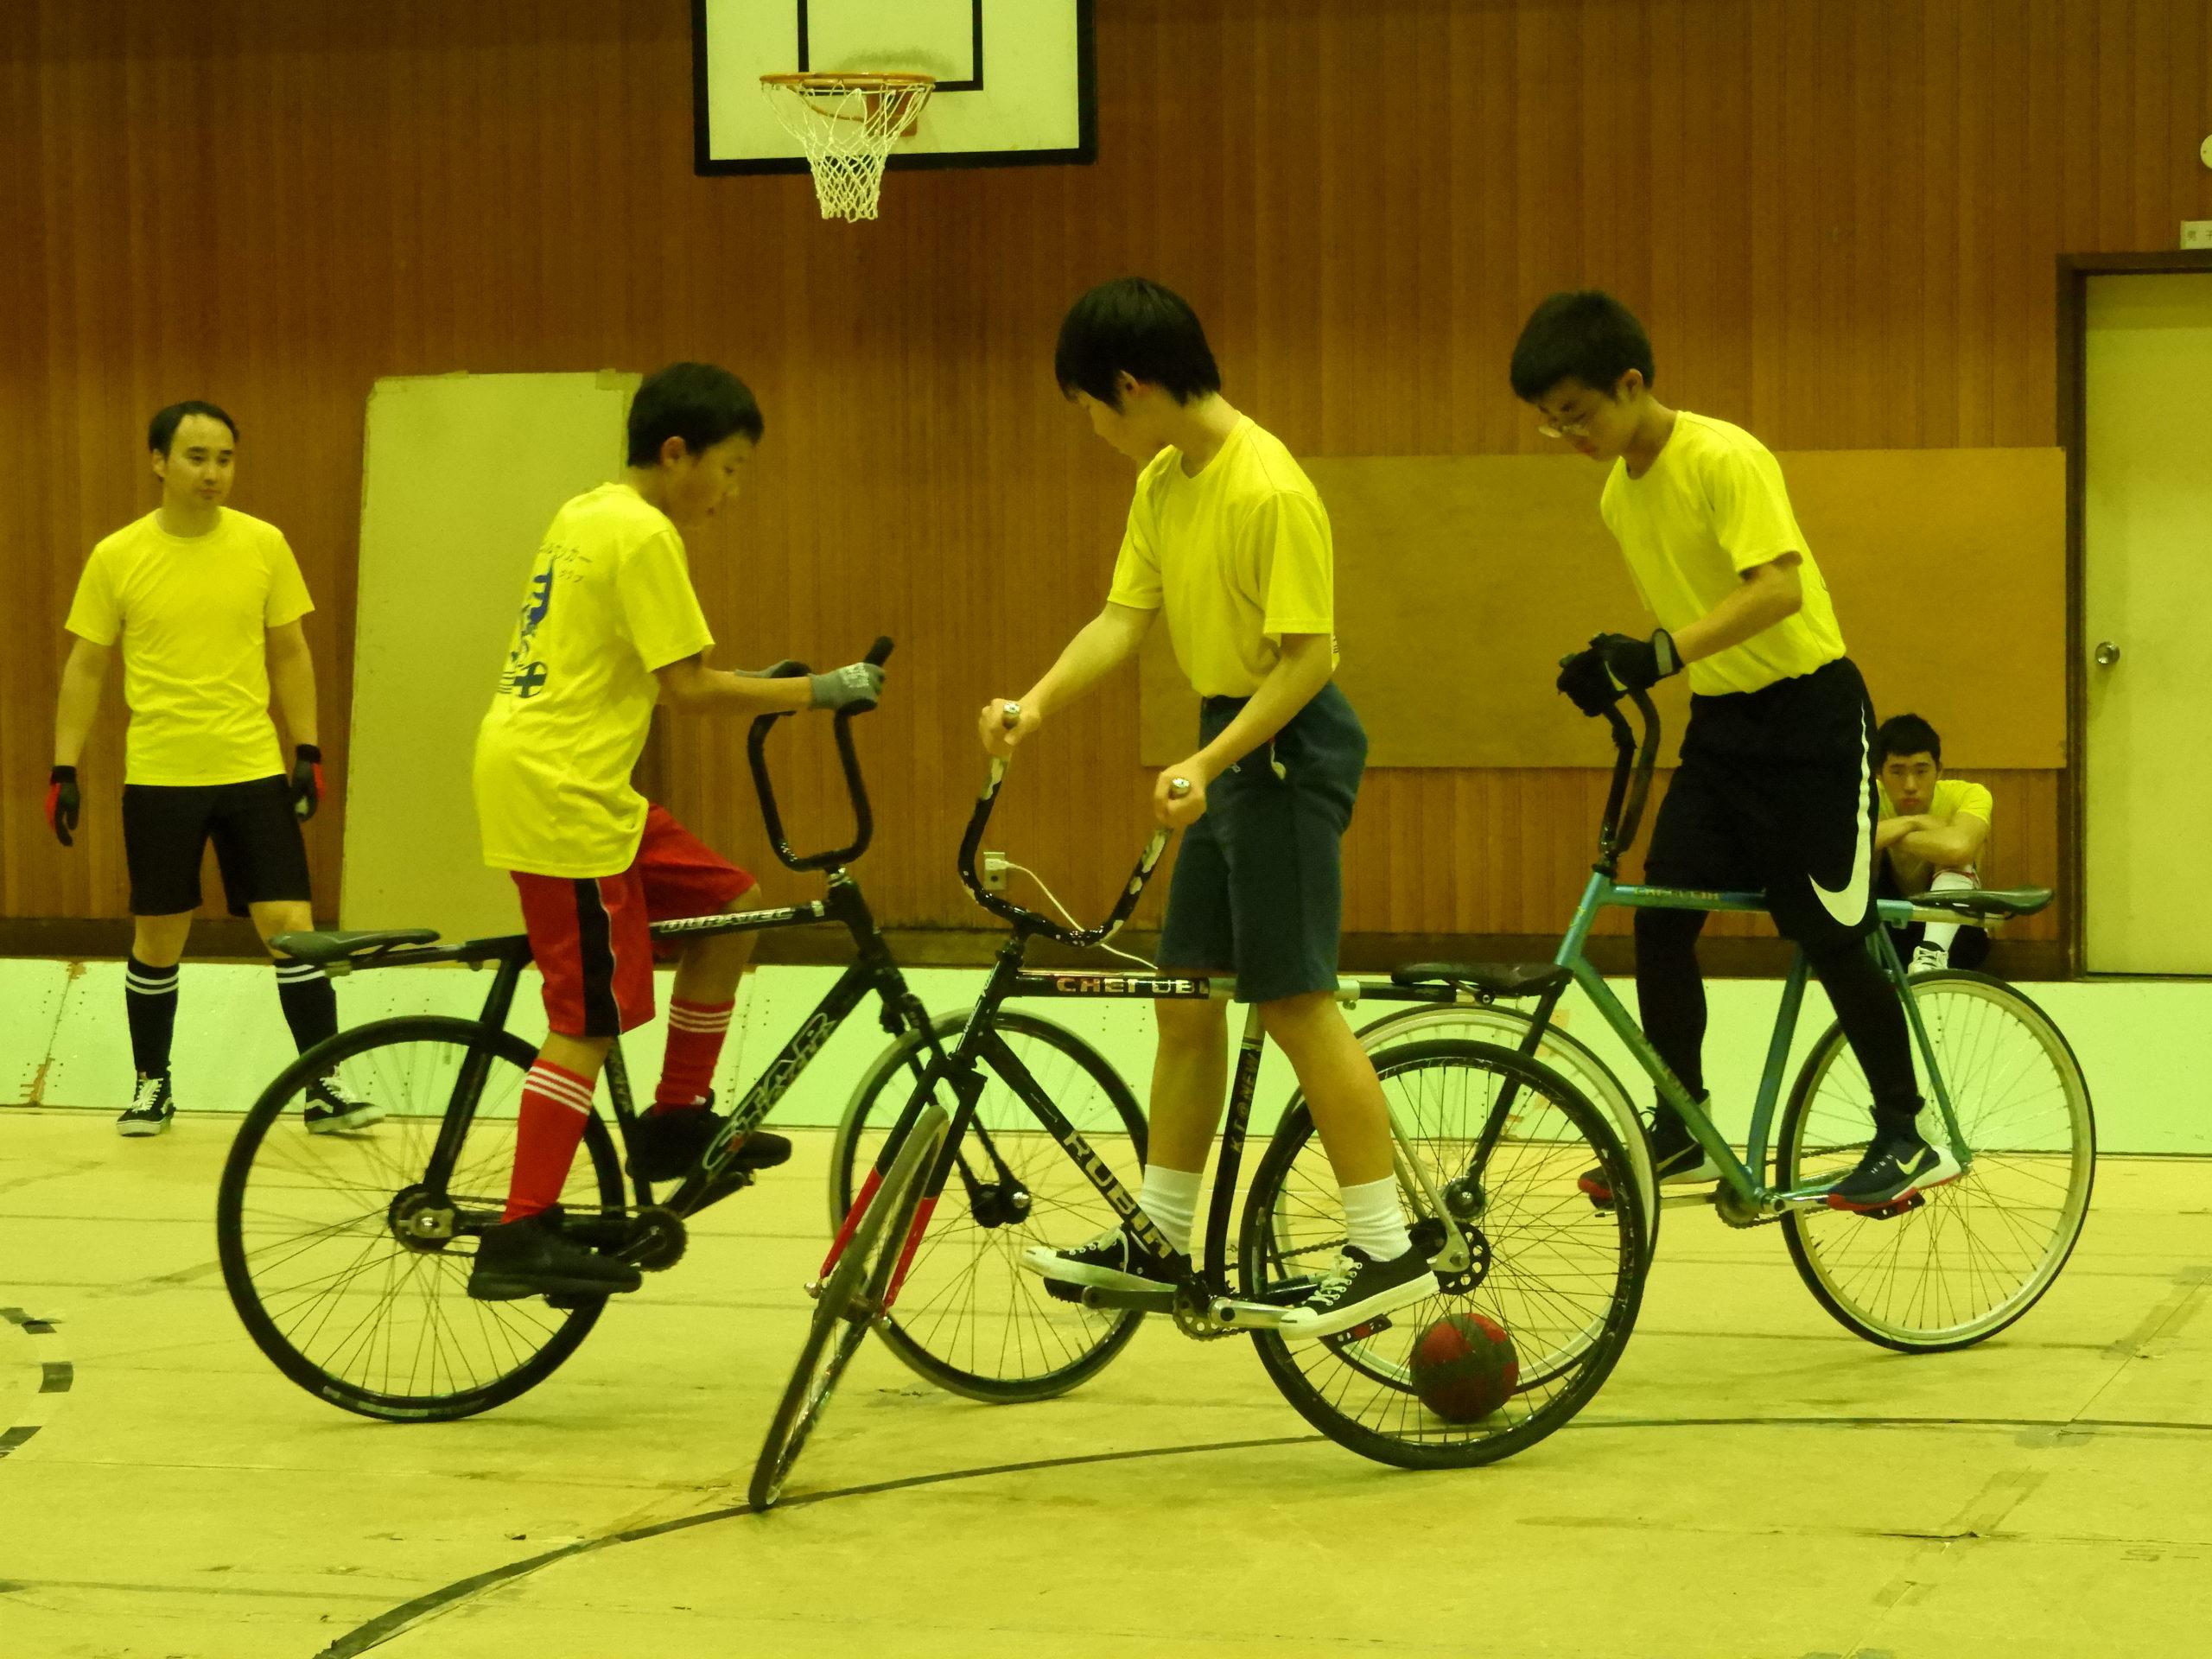 室内自転車競技